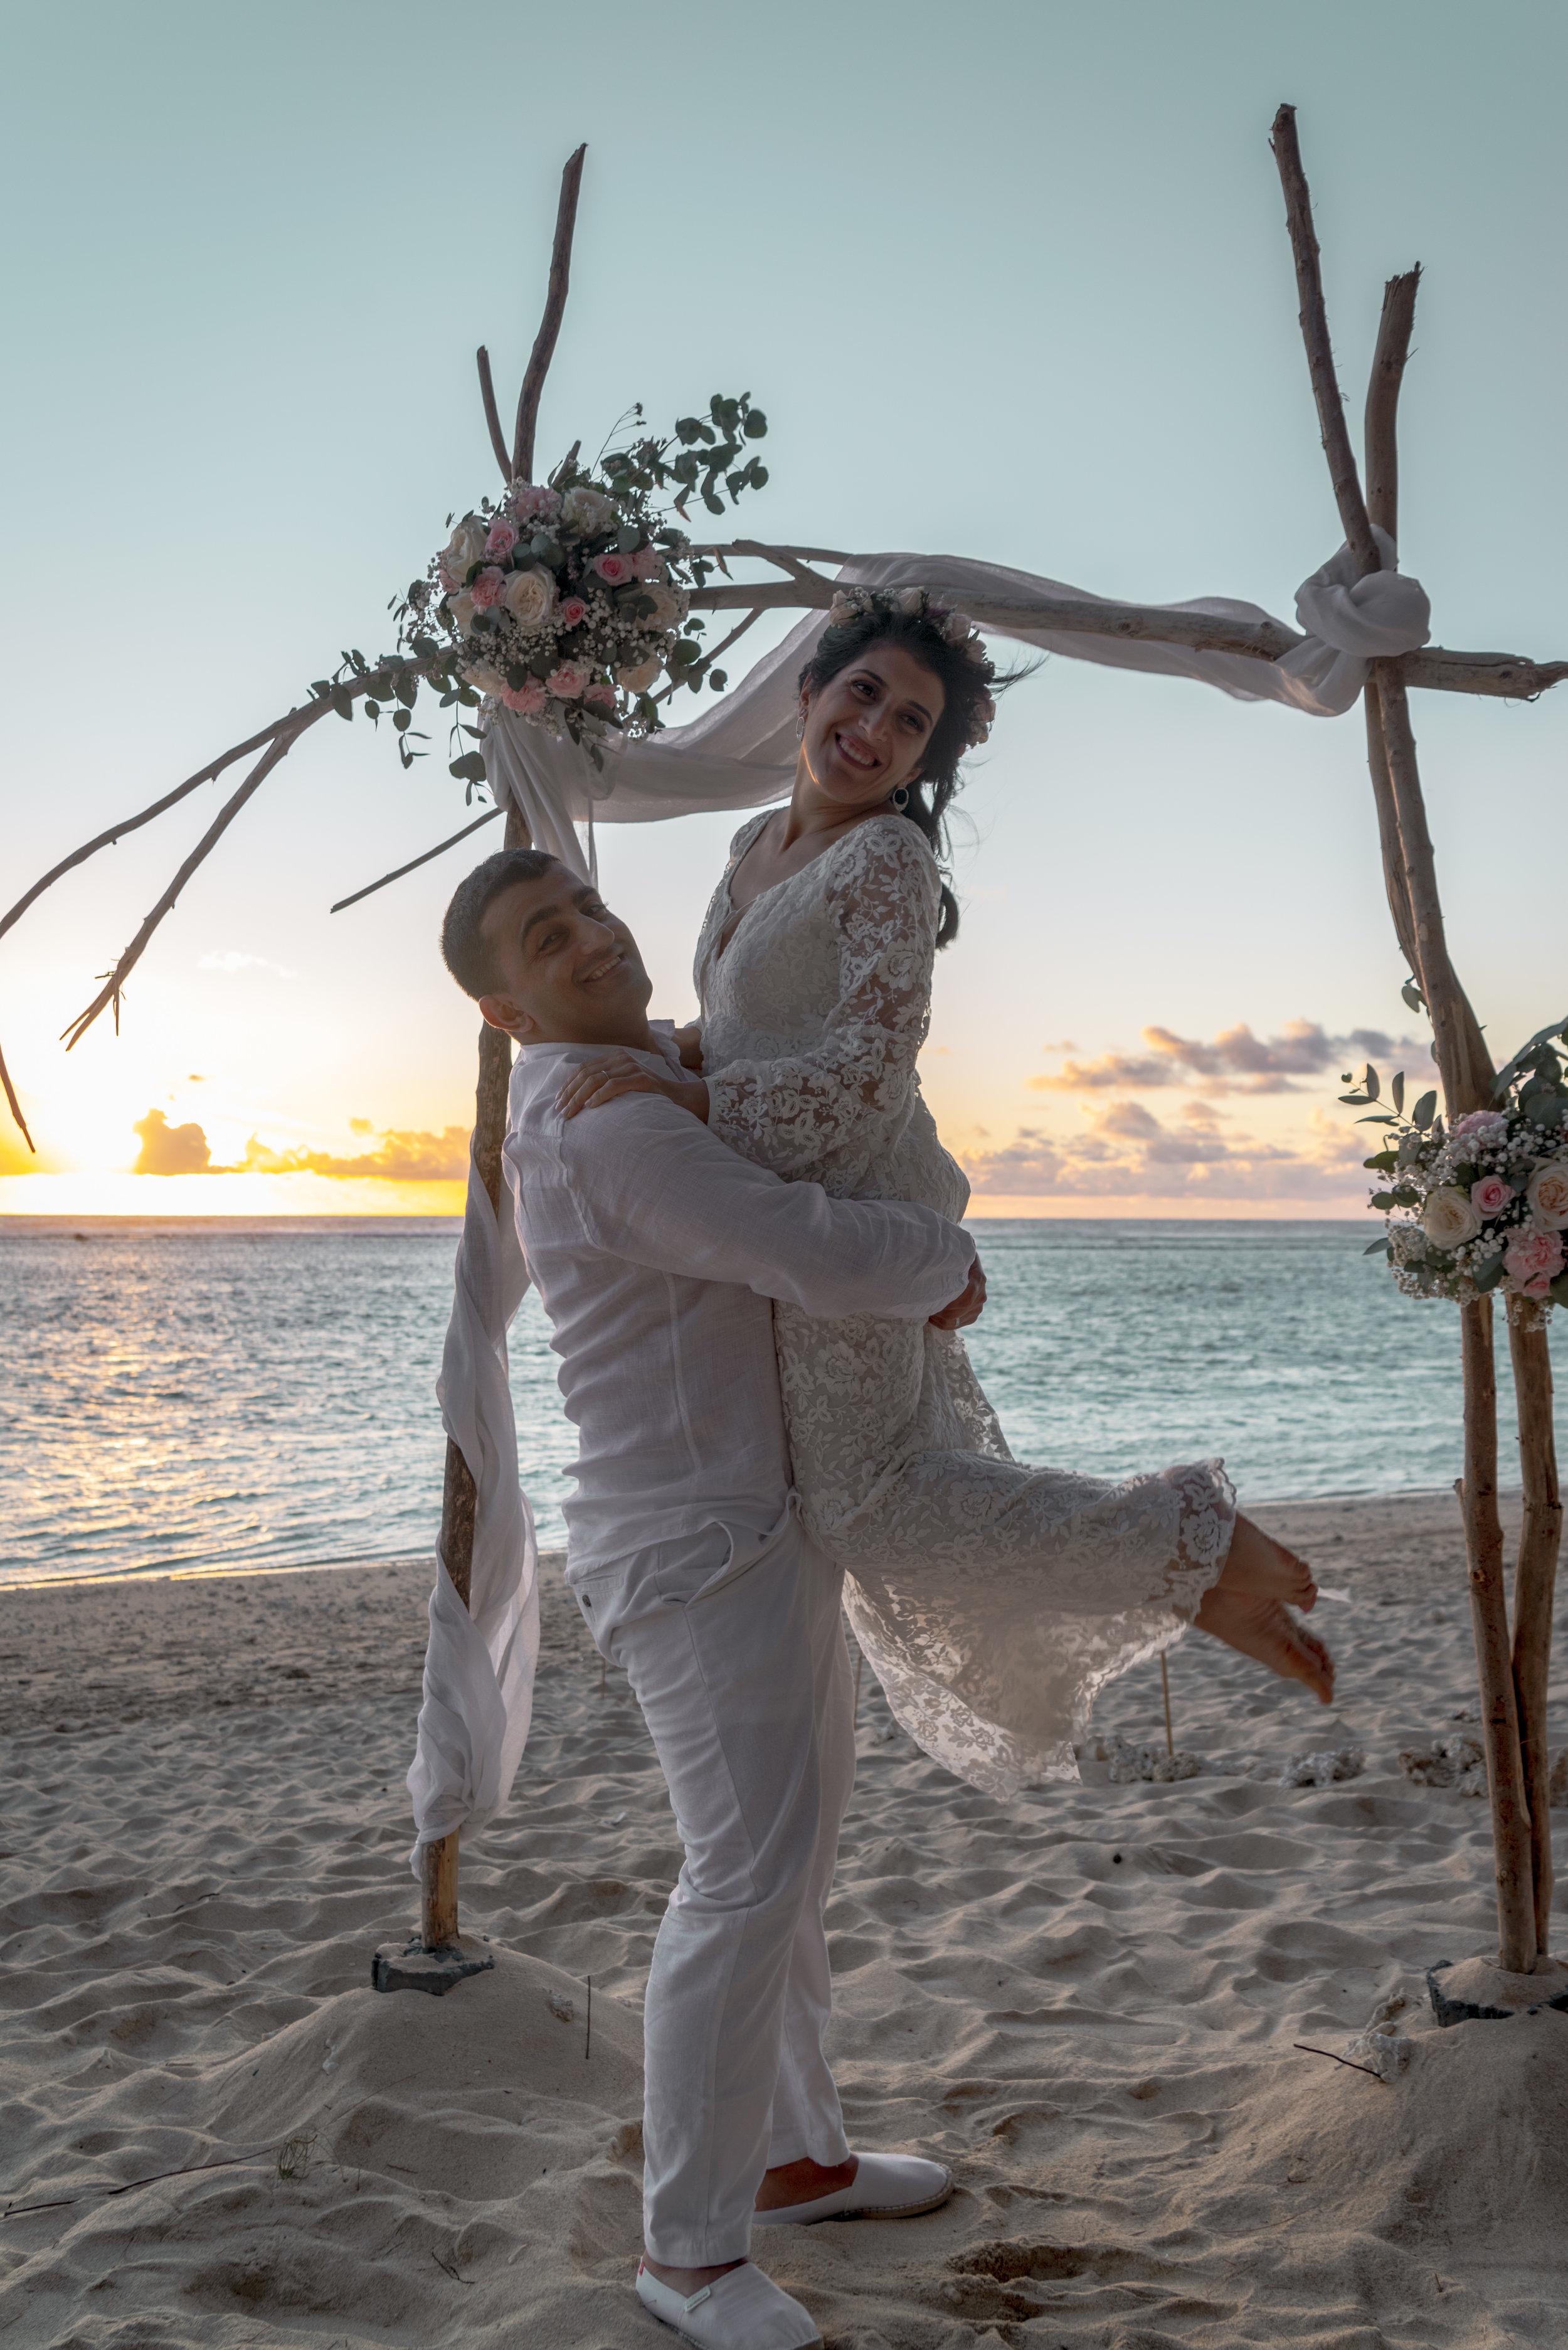 MRevenement organisation de mariage D et F cérémonie laïque La Réunion (17).jpeg